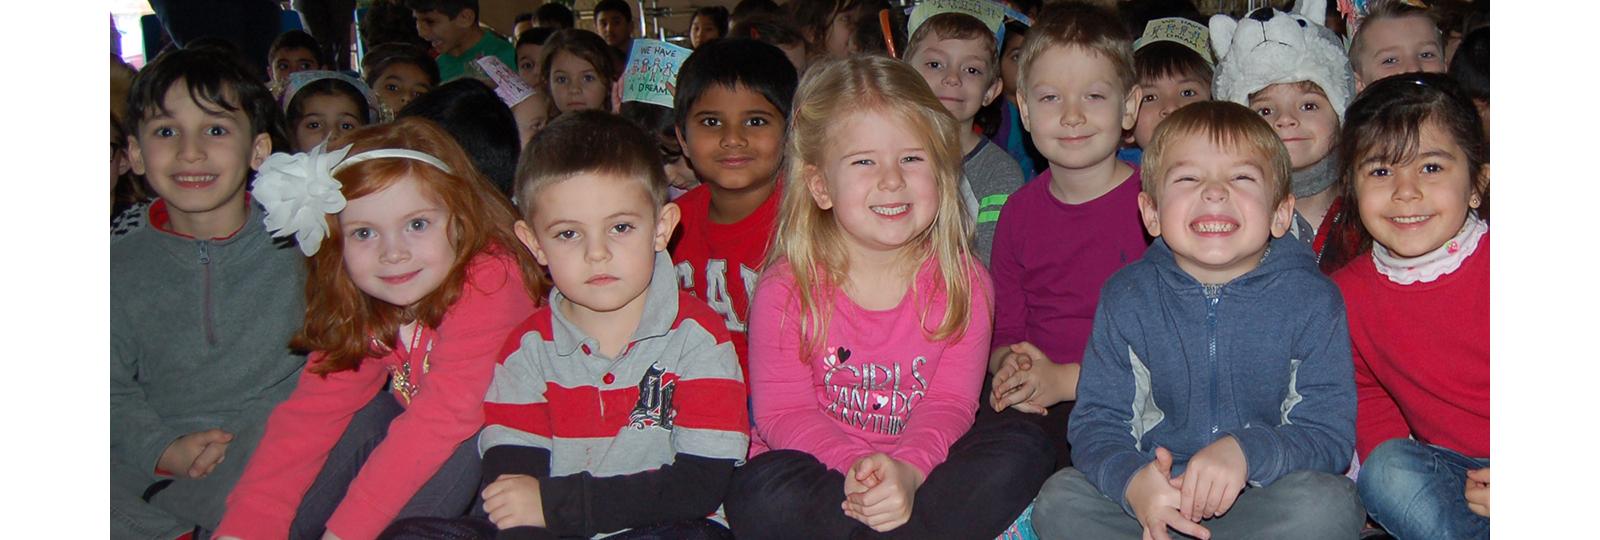 Susick Elementary